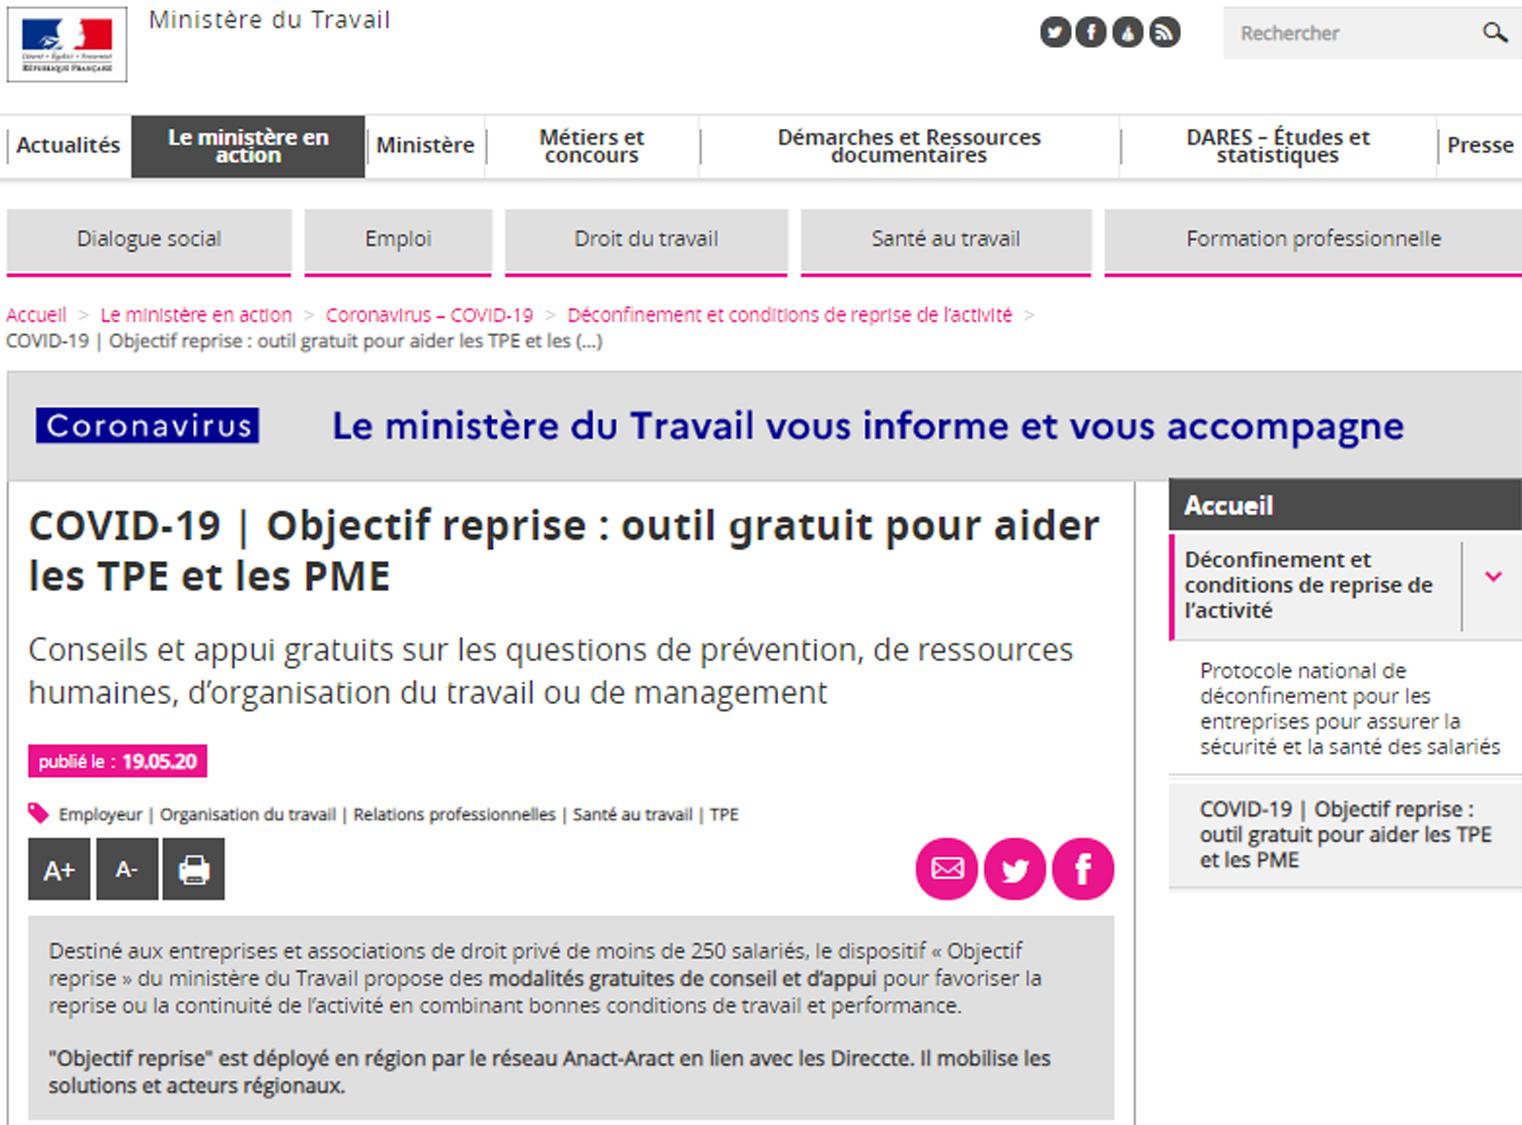 Ministère du Travail - COVID-19   📈Objectif reprise : outil gratuit pour aider les TPE et les PME